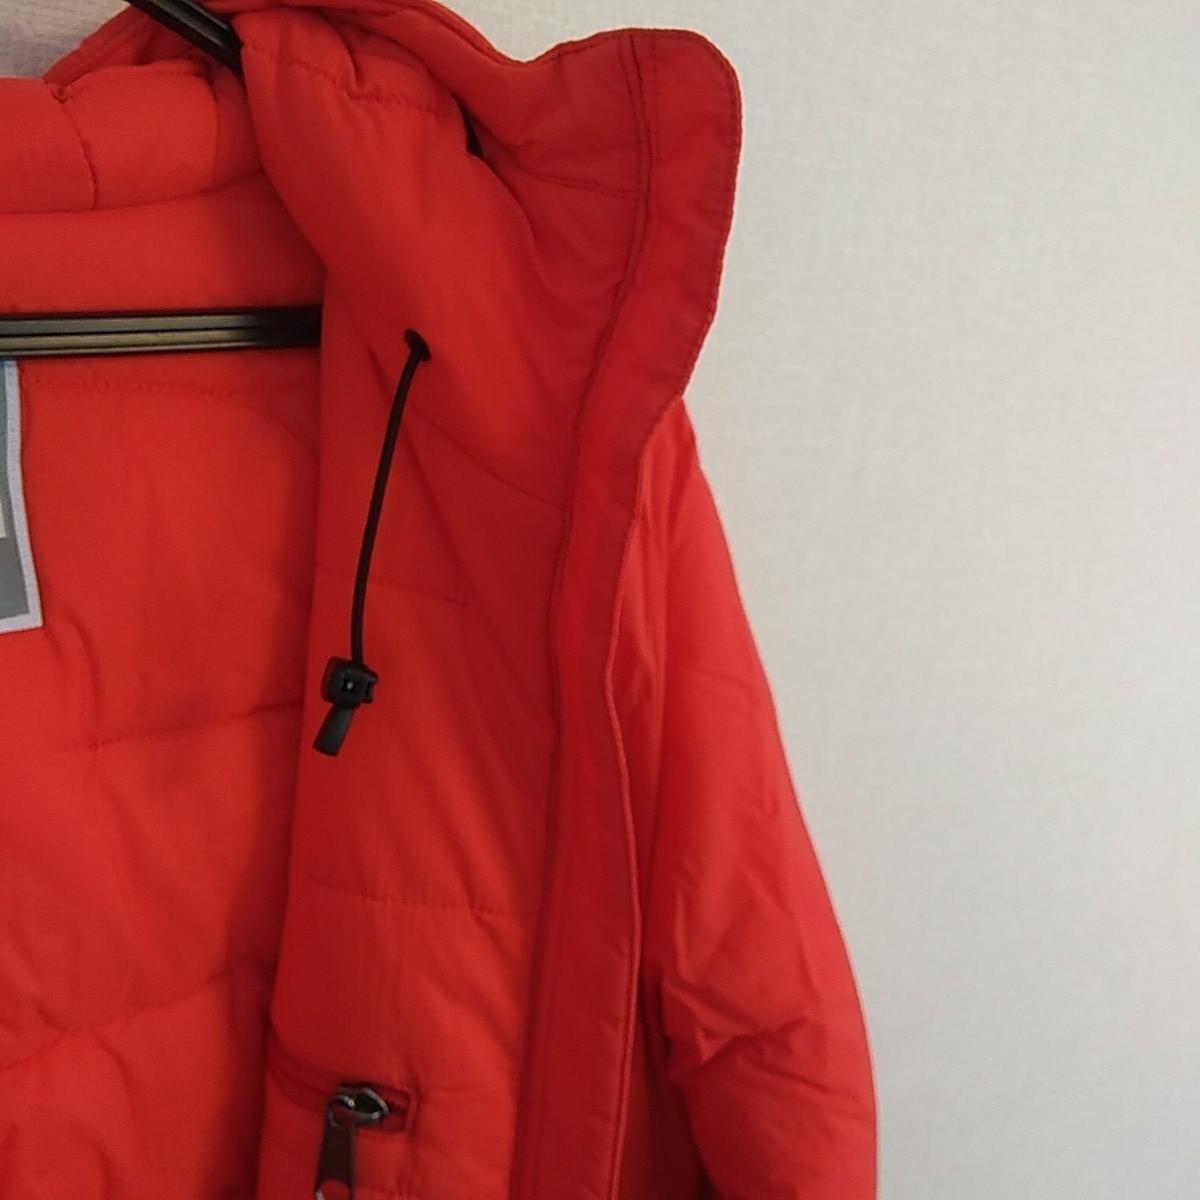 ノースフェイス ダウンジャケット トランゴ パーカー Mサイズ 新品未使用 正規品 THE NORTH FACE ジャンパー 上着 フード